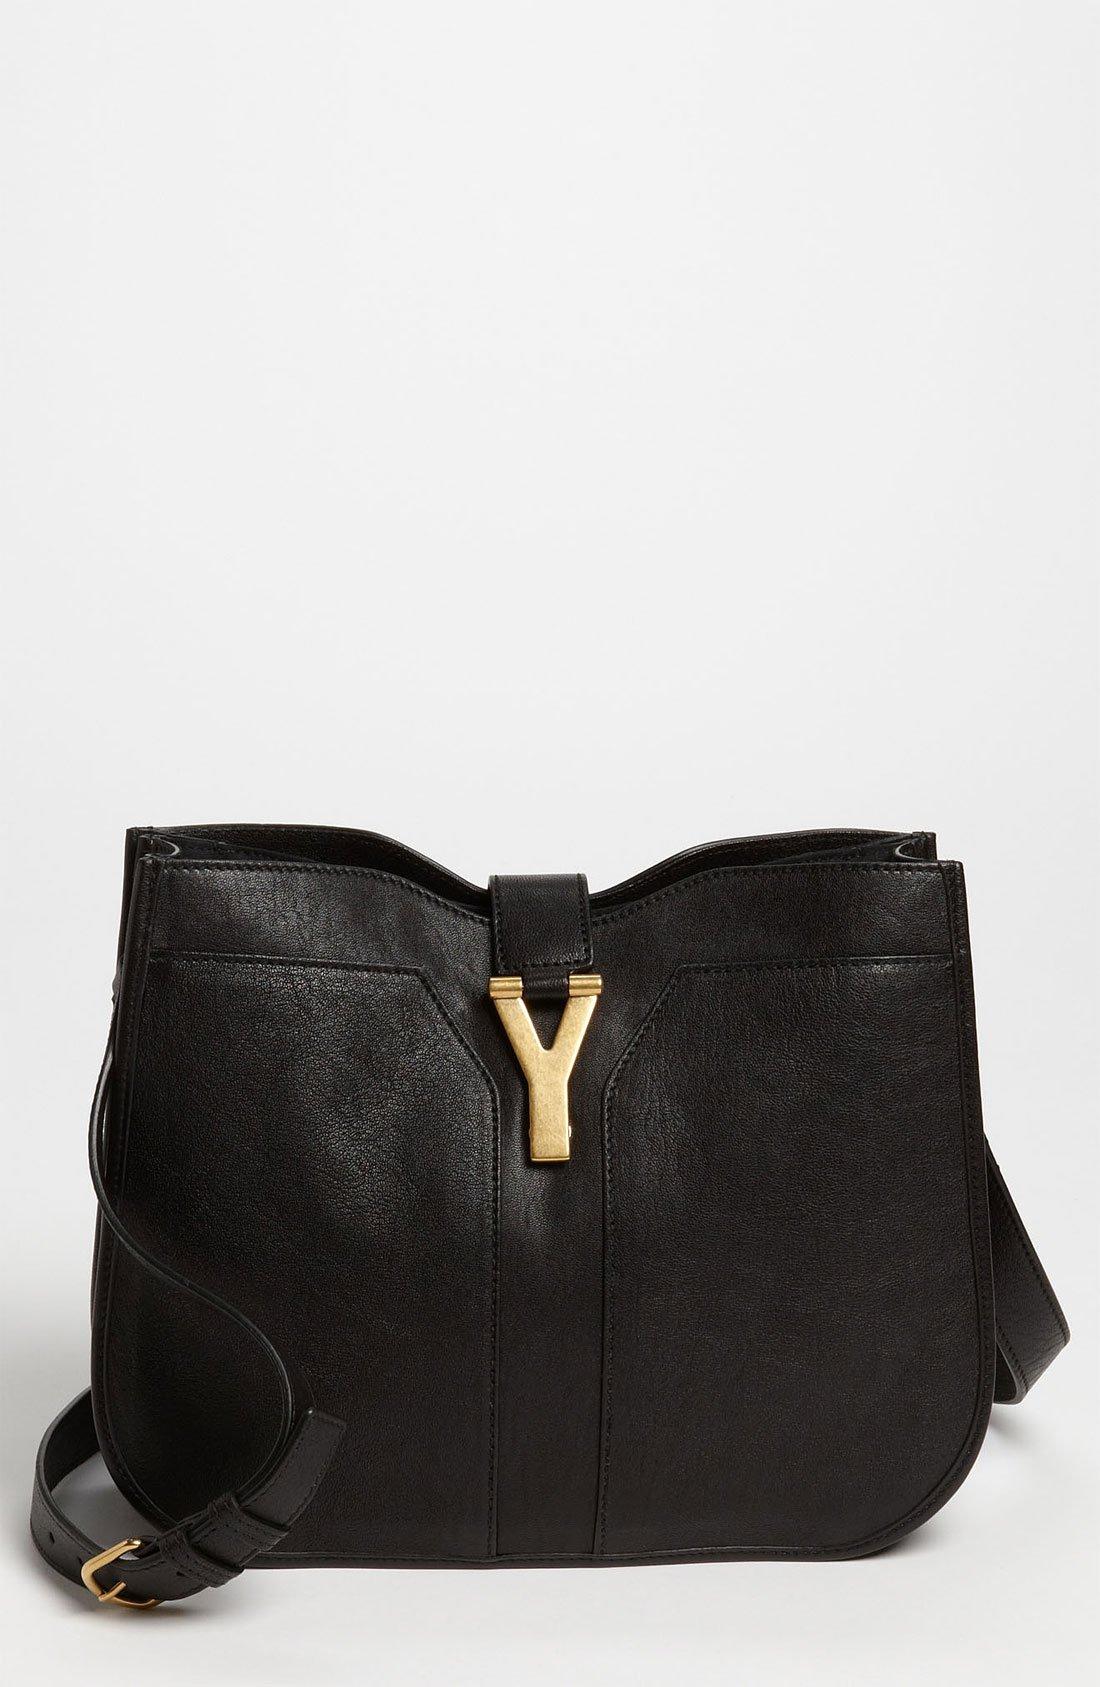 ysl handbag outlet - Ysl Medium Black Chyc Shoulder Bag �C Shoulder Travel Bag